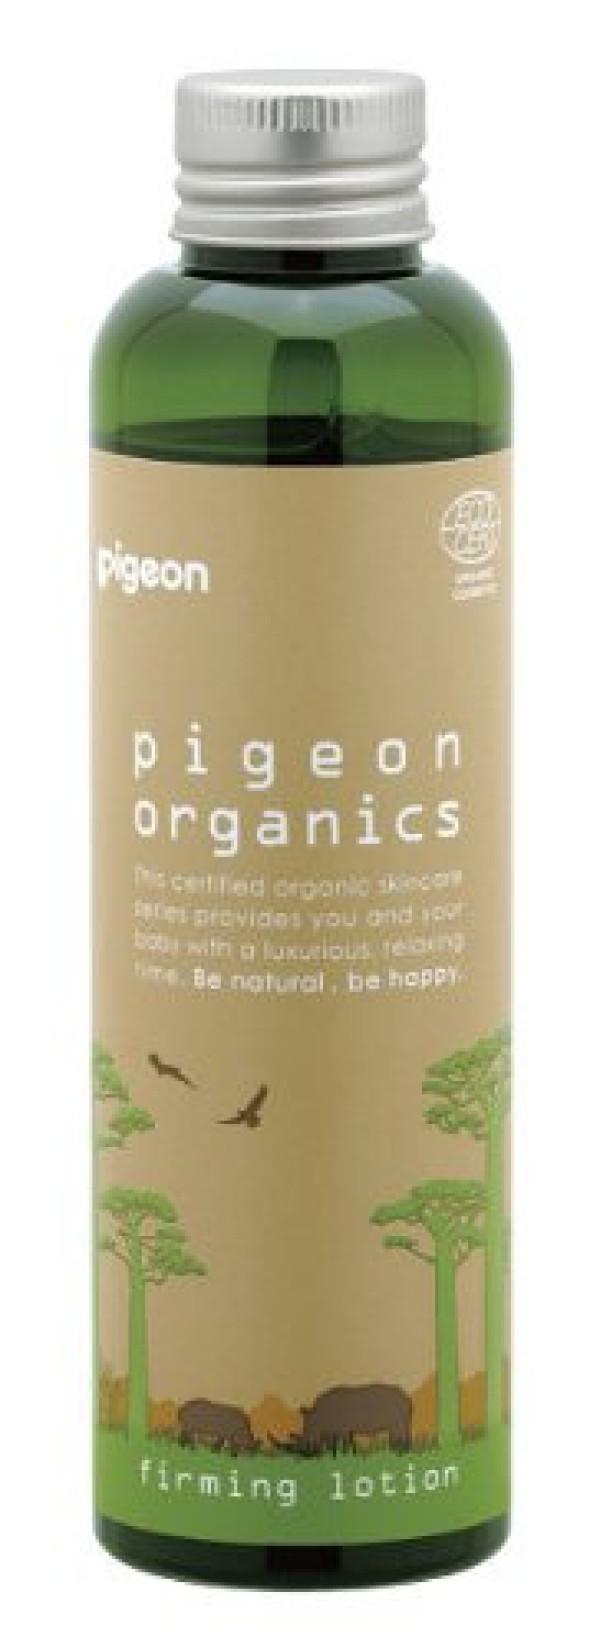 Детский лосьон Pigeon Organics firming lotion